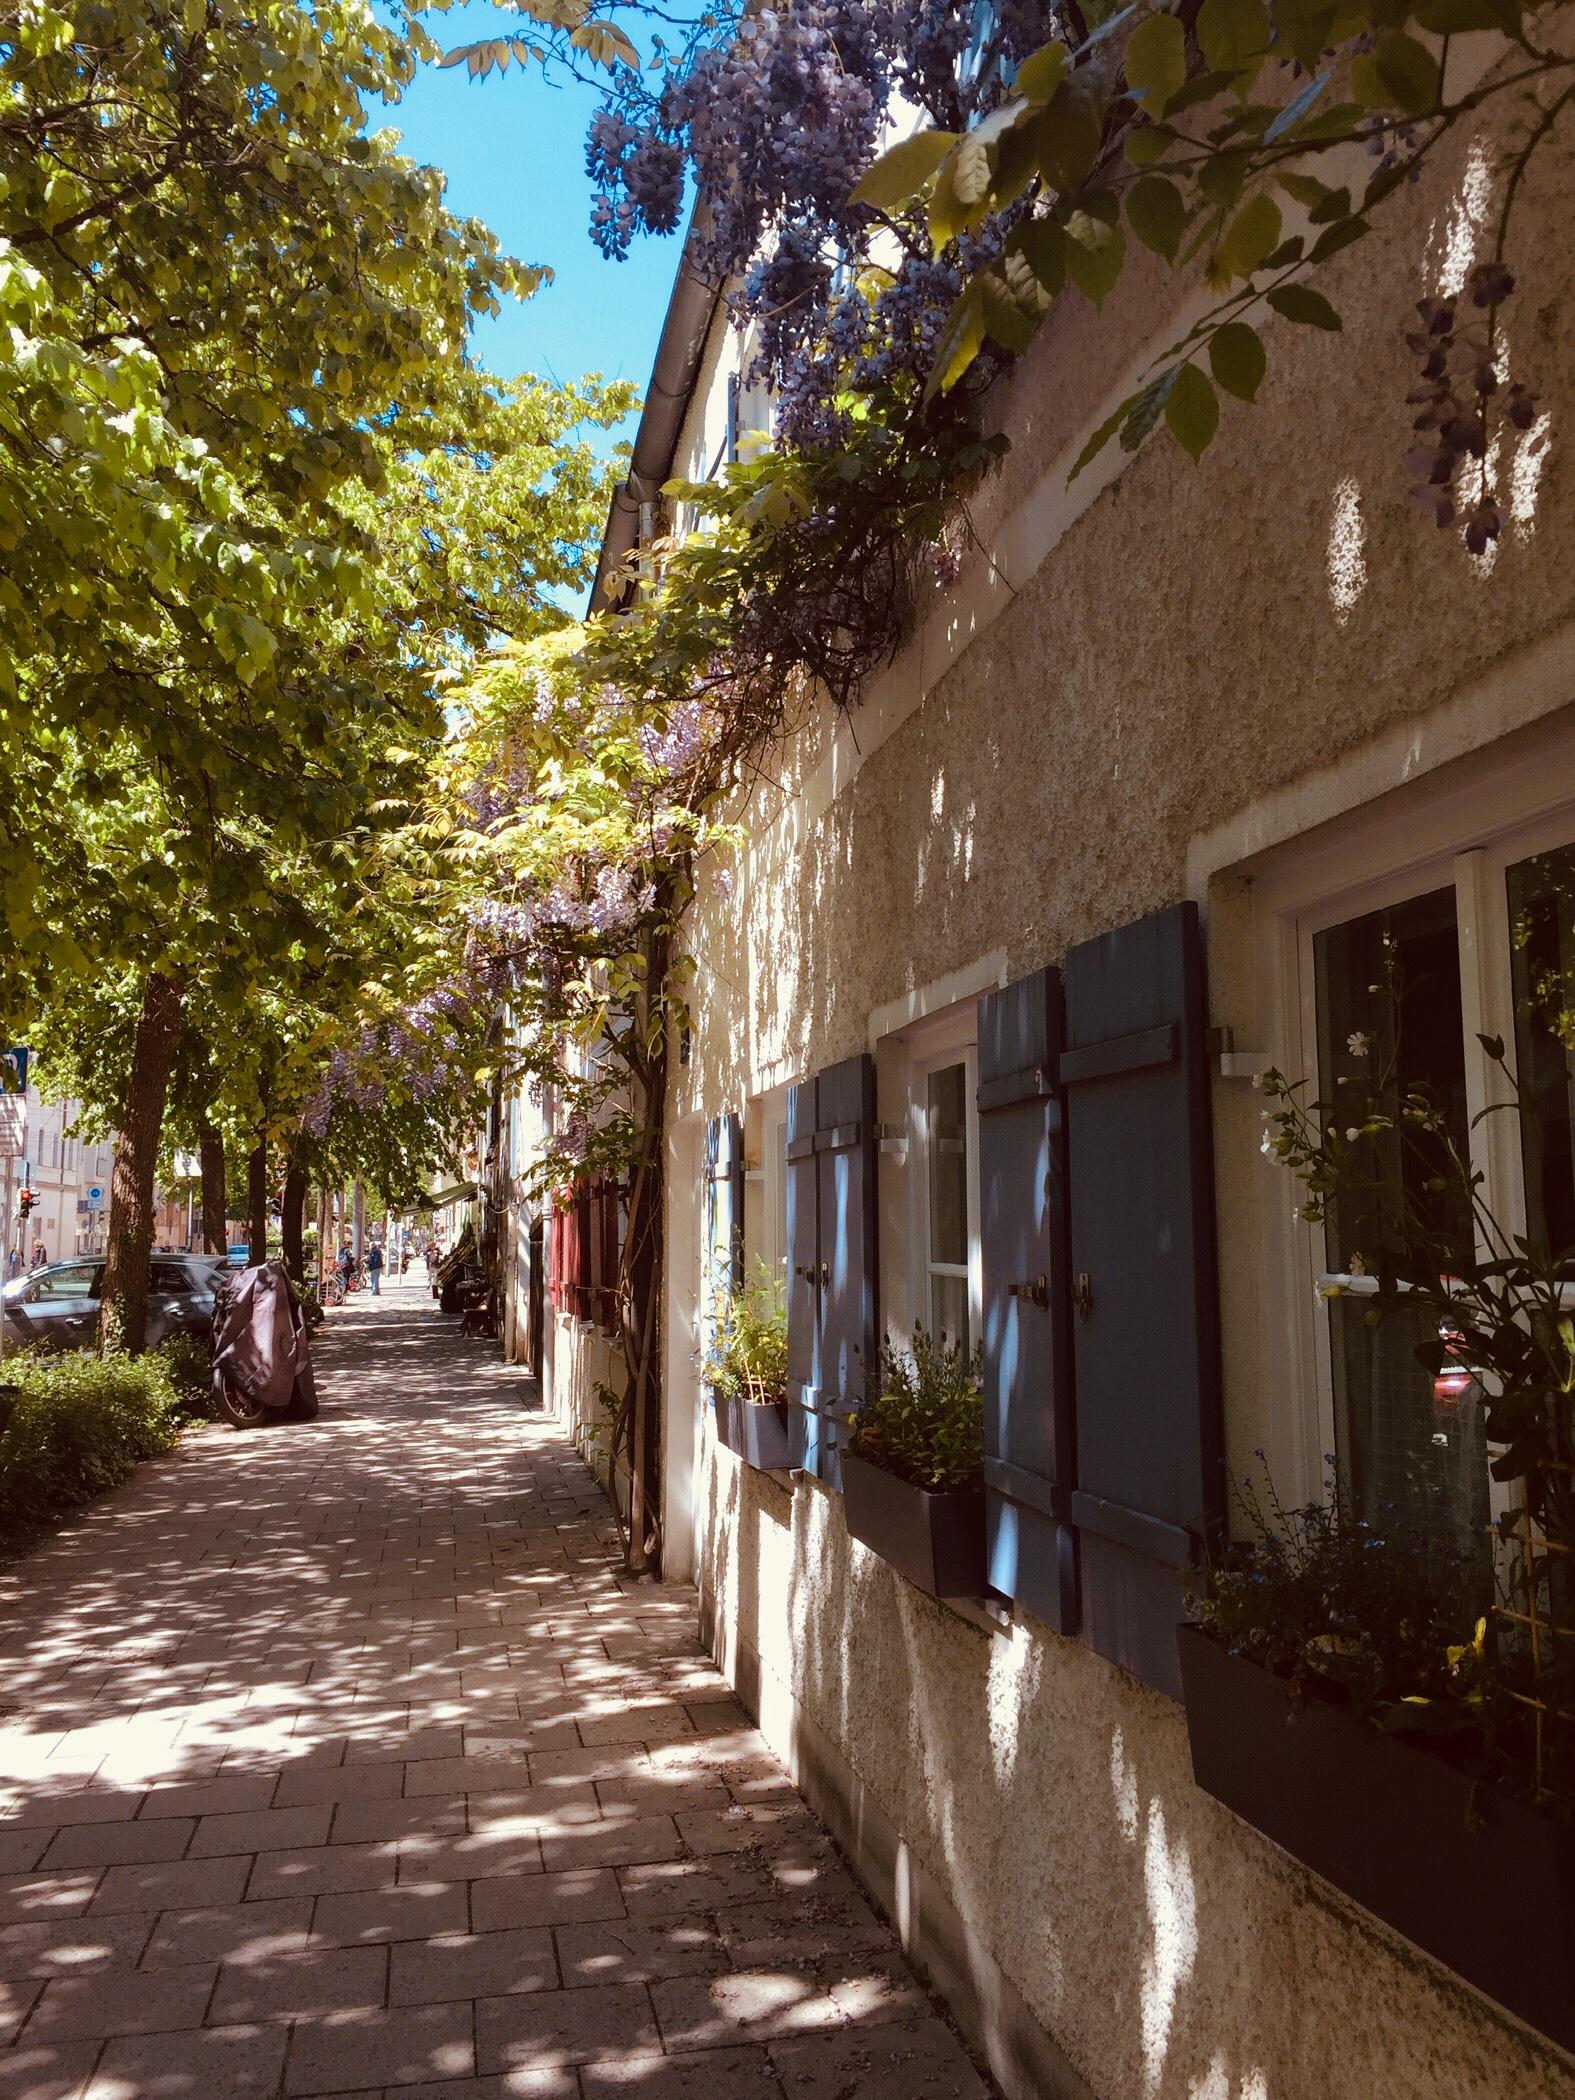 In diesen Straßen bin ich aufgewachsen und wohne trotzdem gerne in Berlin.